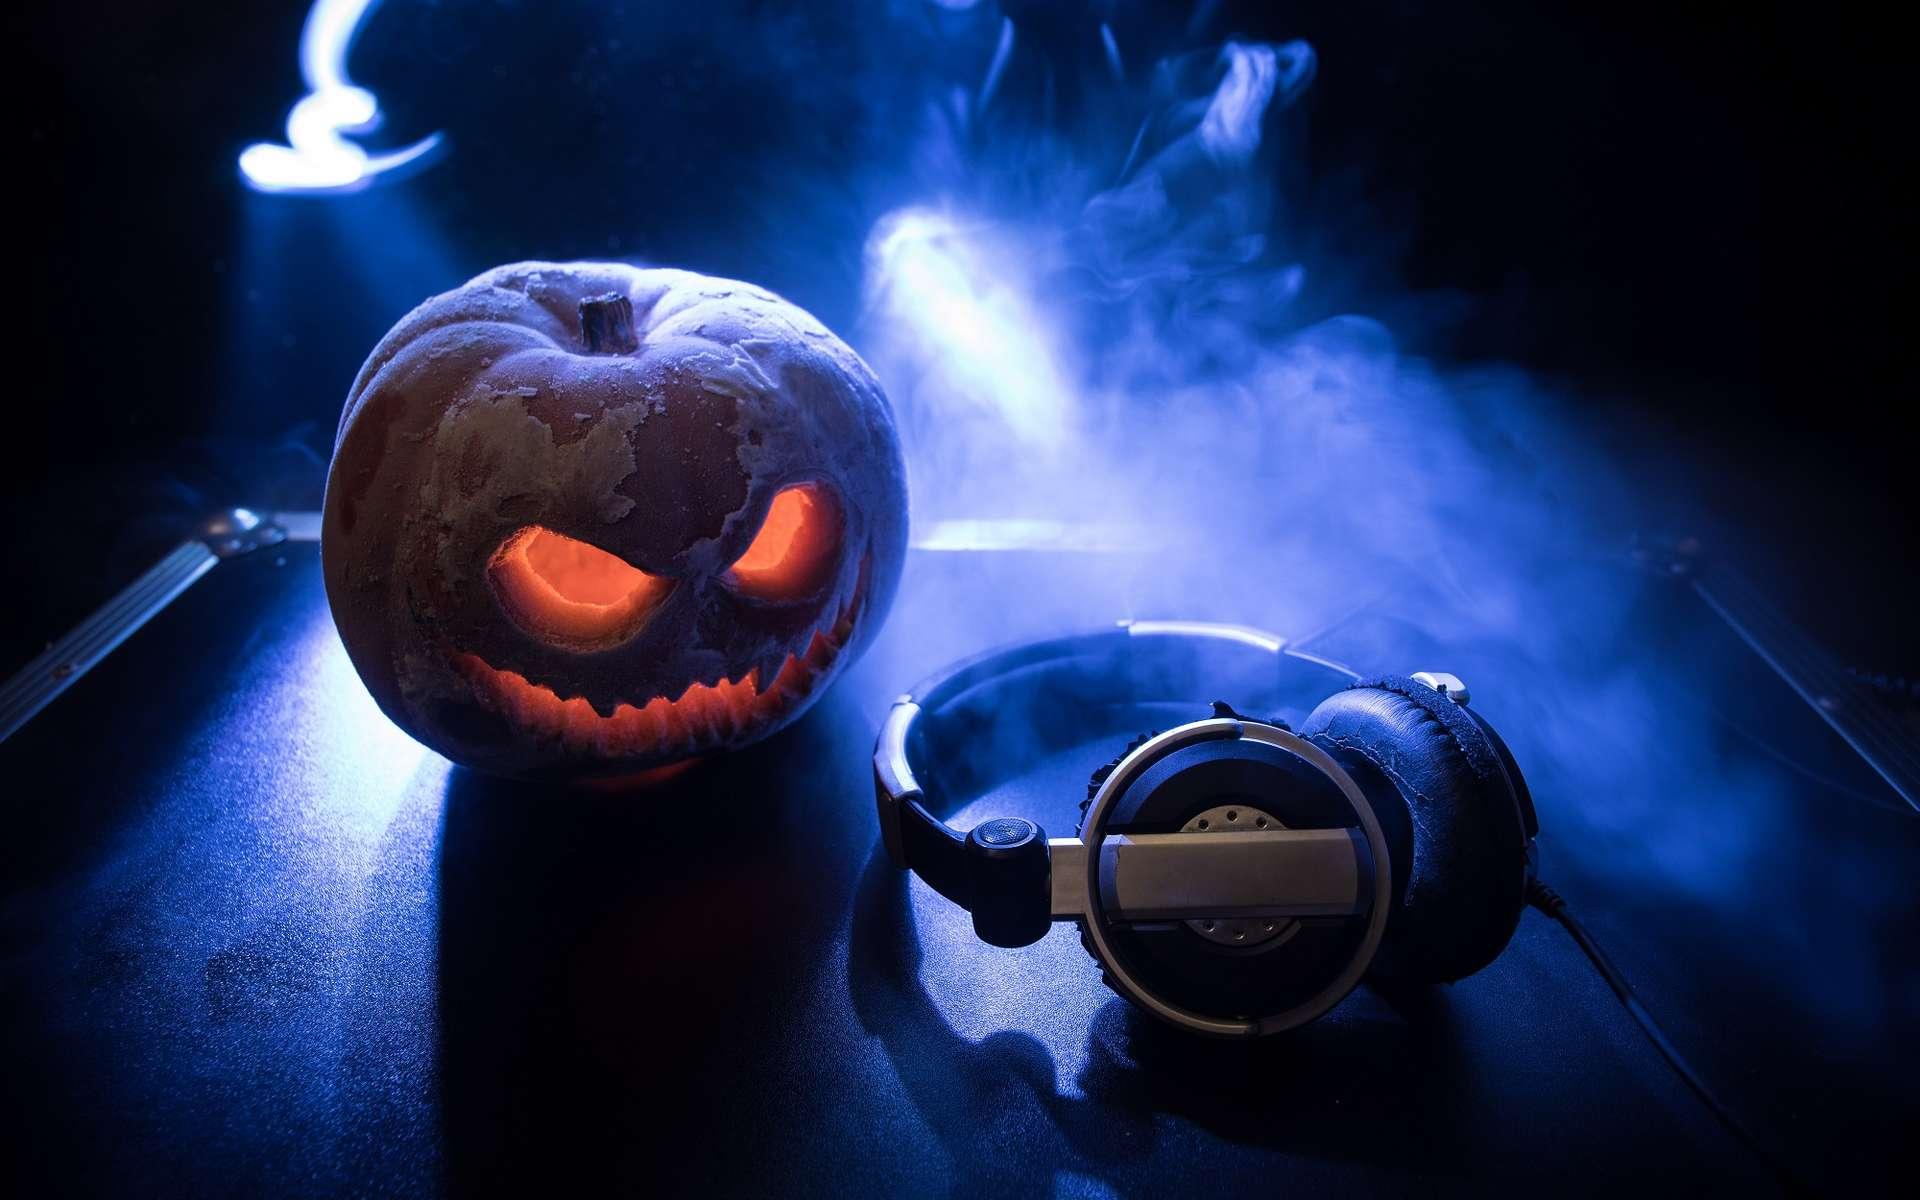 Découvrez quatre histoires à glacer le sang pour Halloween. © zef art, Adobe Stock